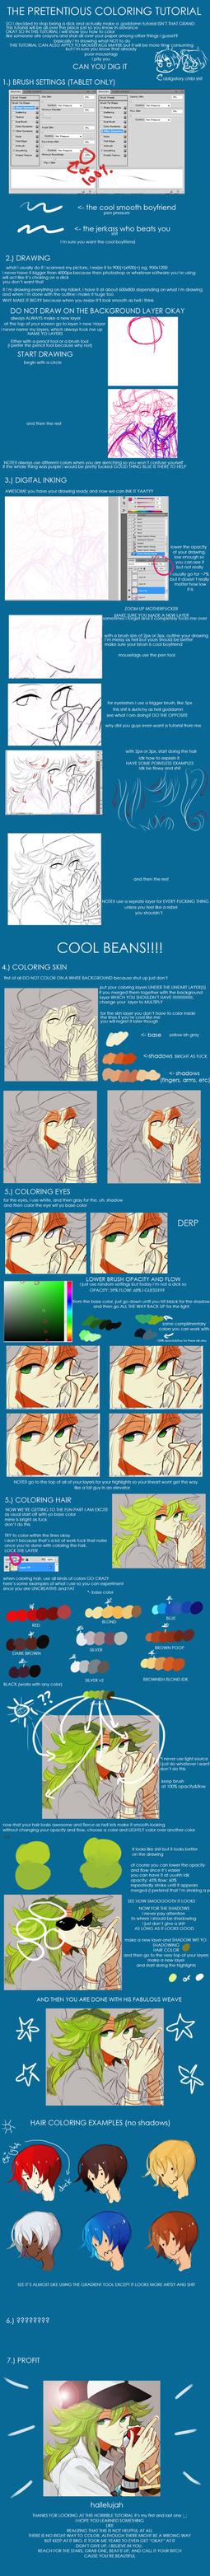 the worst pretentious tutorial by Kite-Mitiko